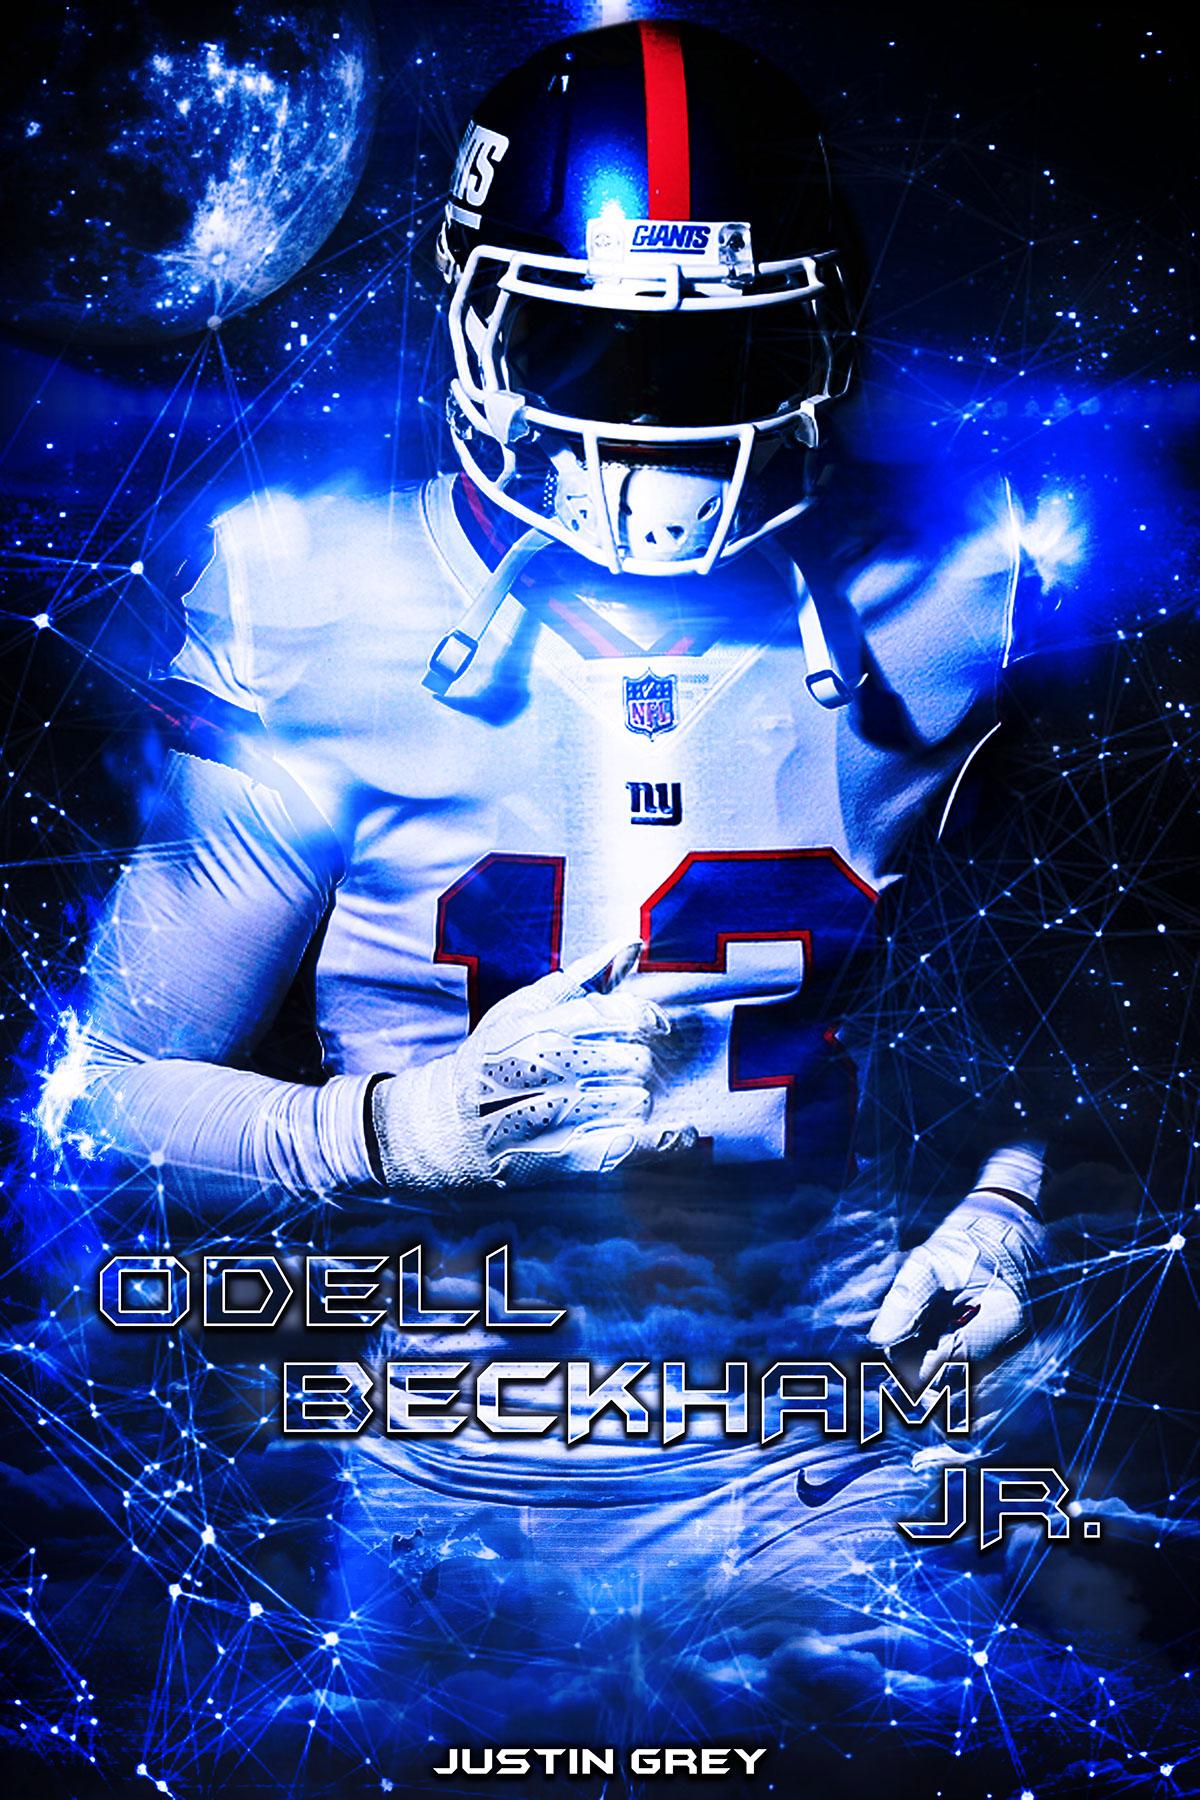 odell beckham jr poster design on behance